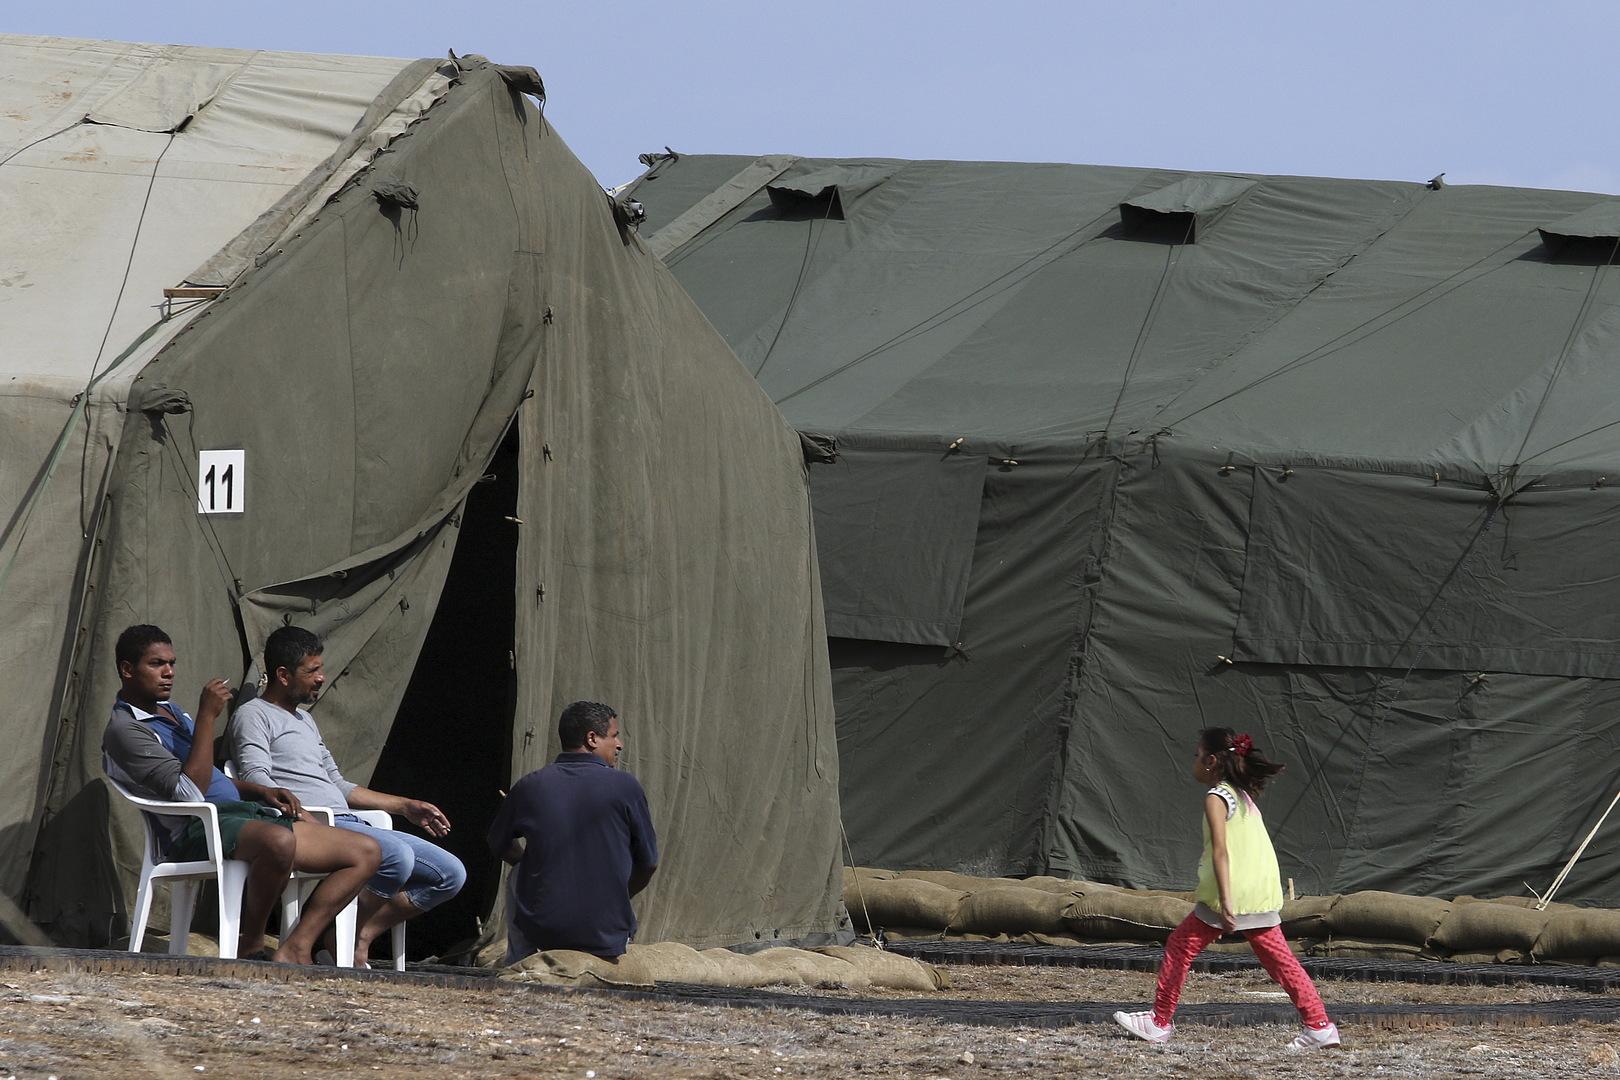 وصول 122 مهاجرا أغلبهم سوريون إلى قبرص